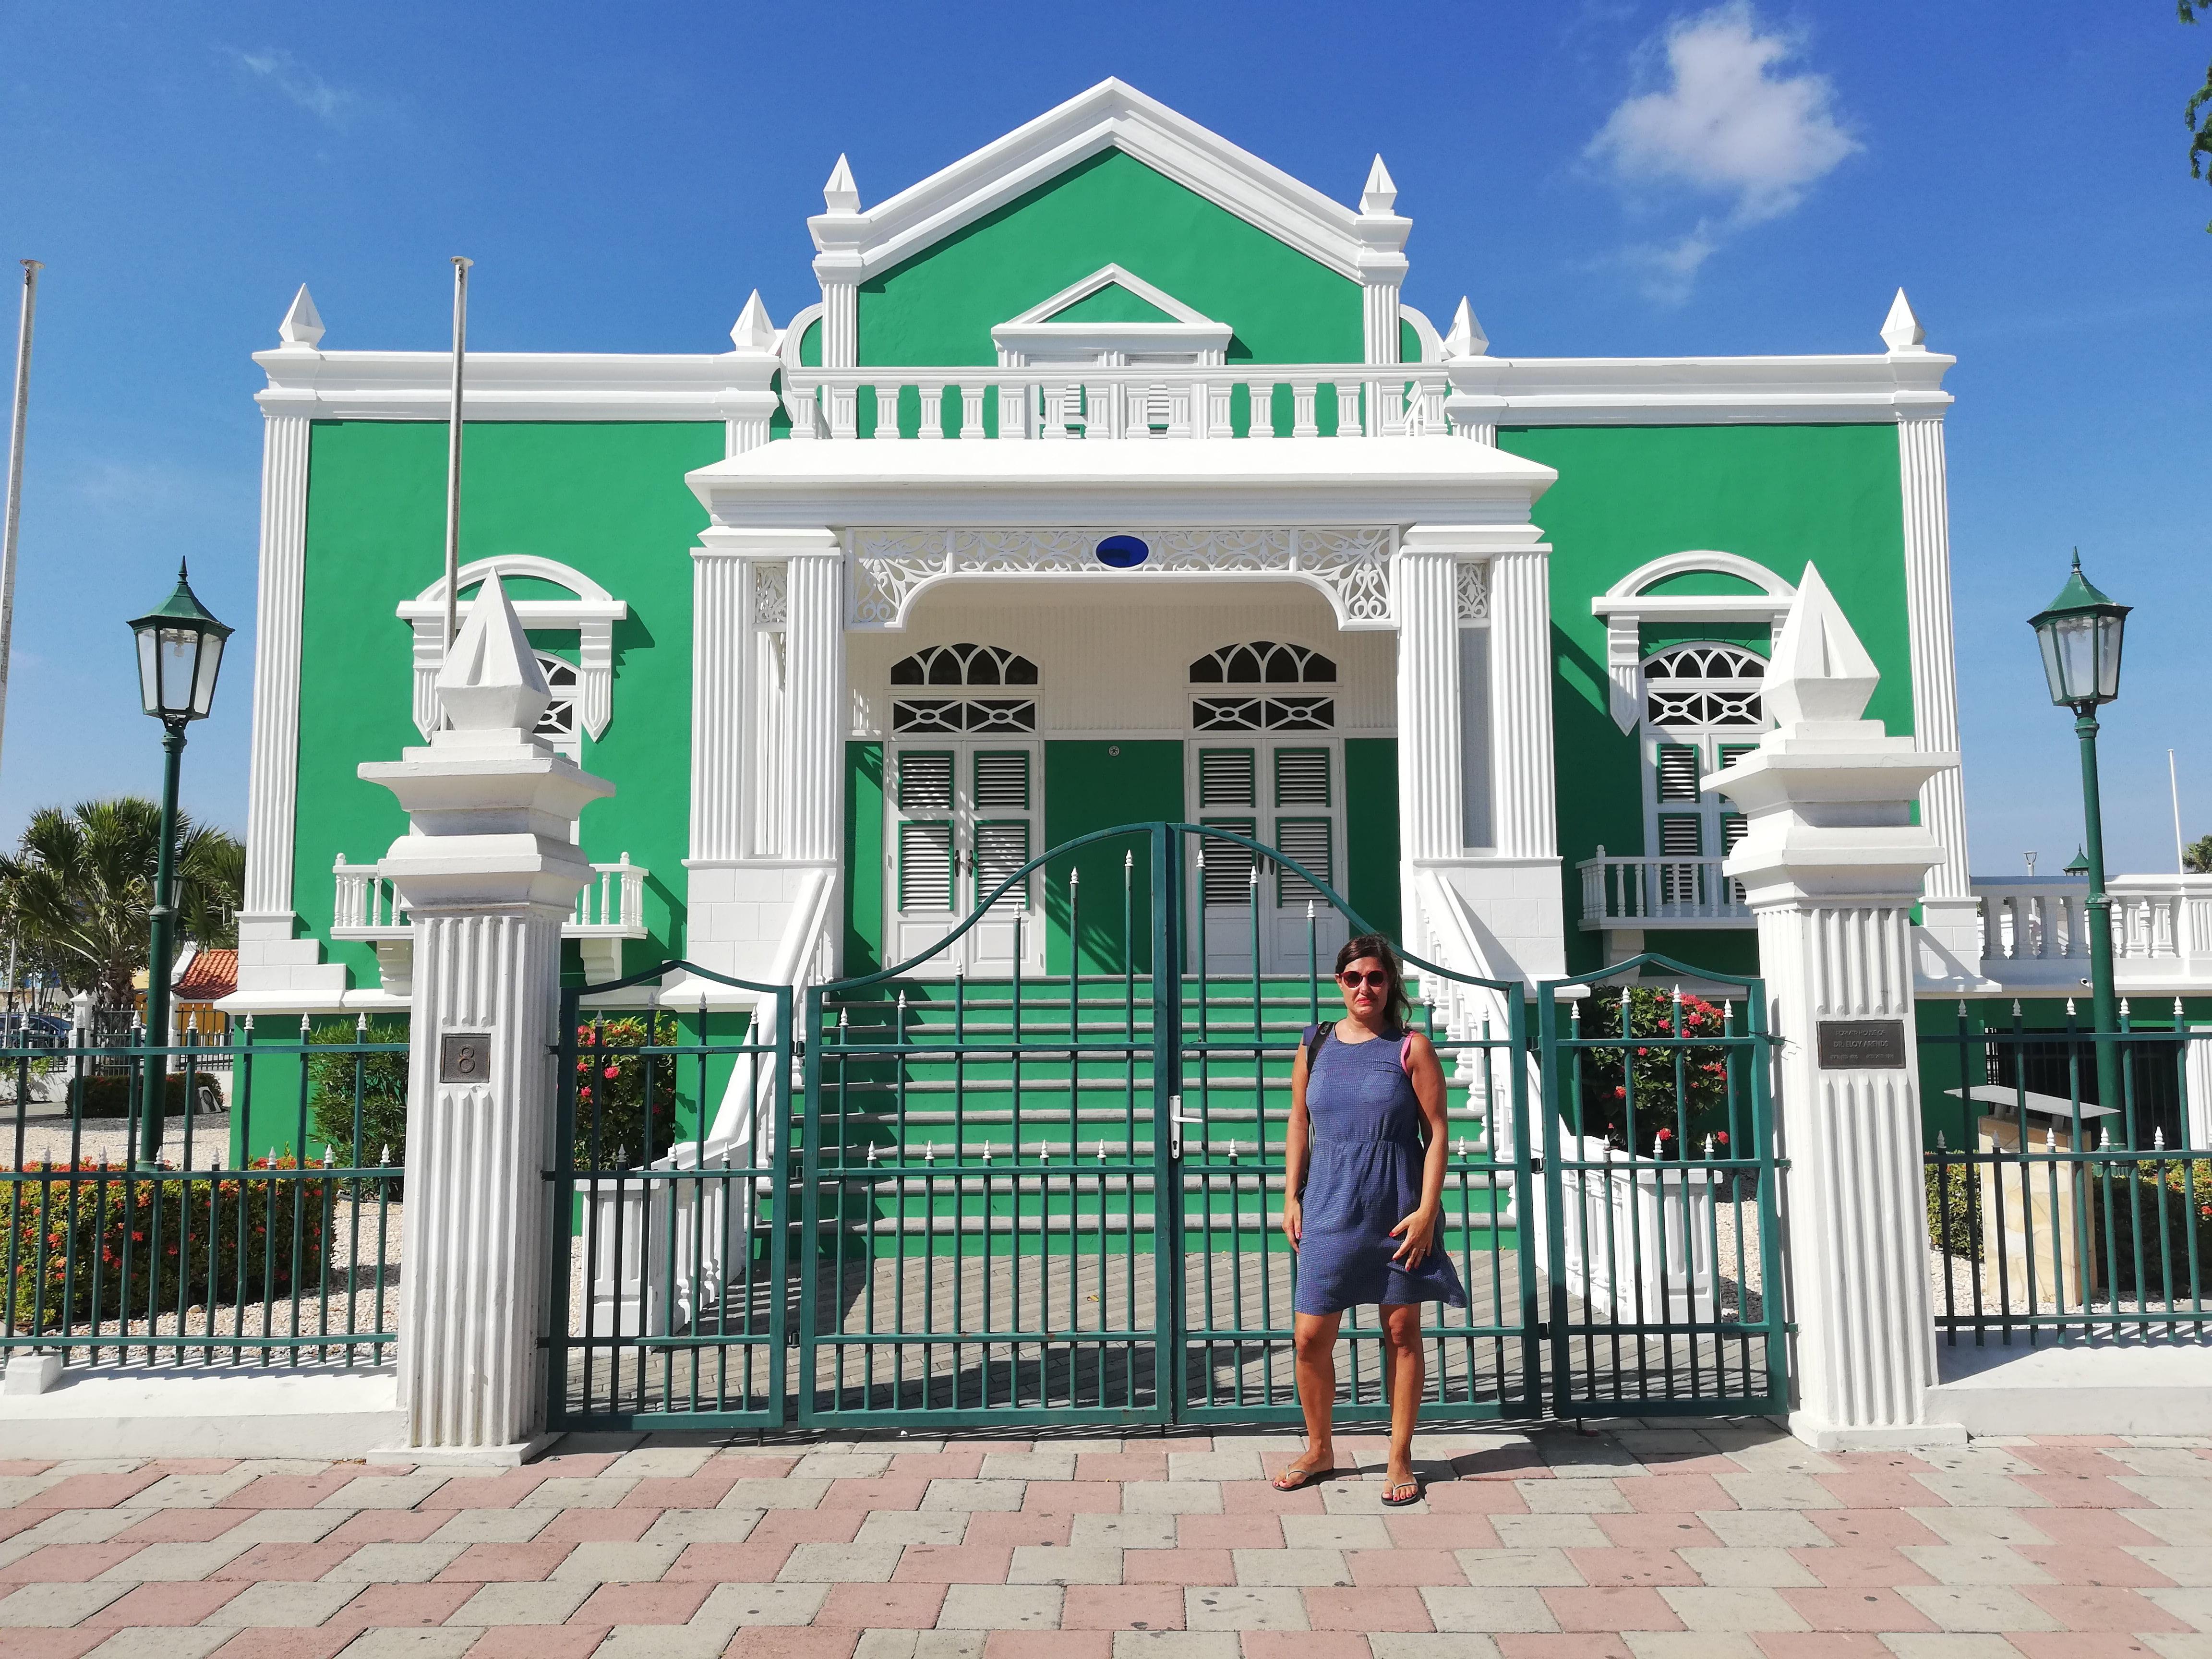 ORANJESTAD CAPITALE DI ARUBA, Civil Town House edificio VERDE dove ci si sposa ad aruba